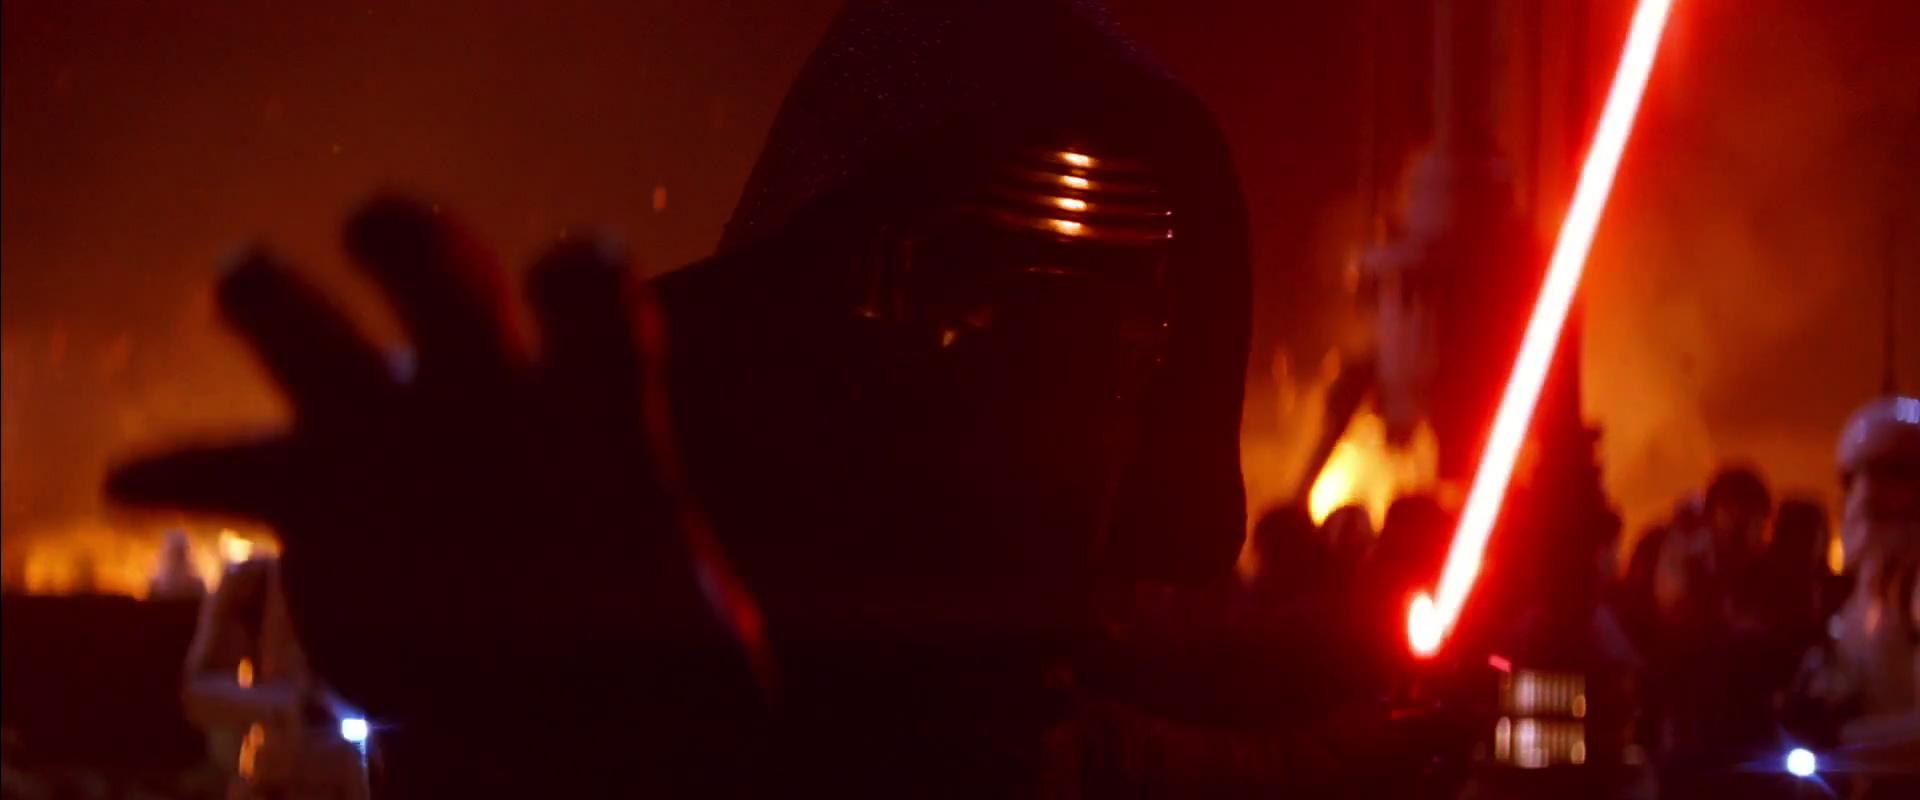 Star Wars  The Force Awakens Official Teaser #2 1708.jpg